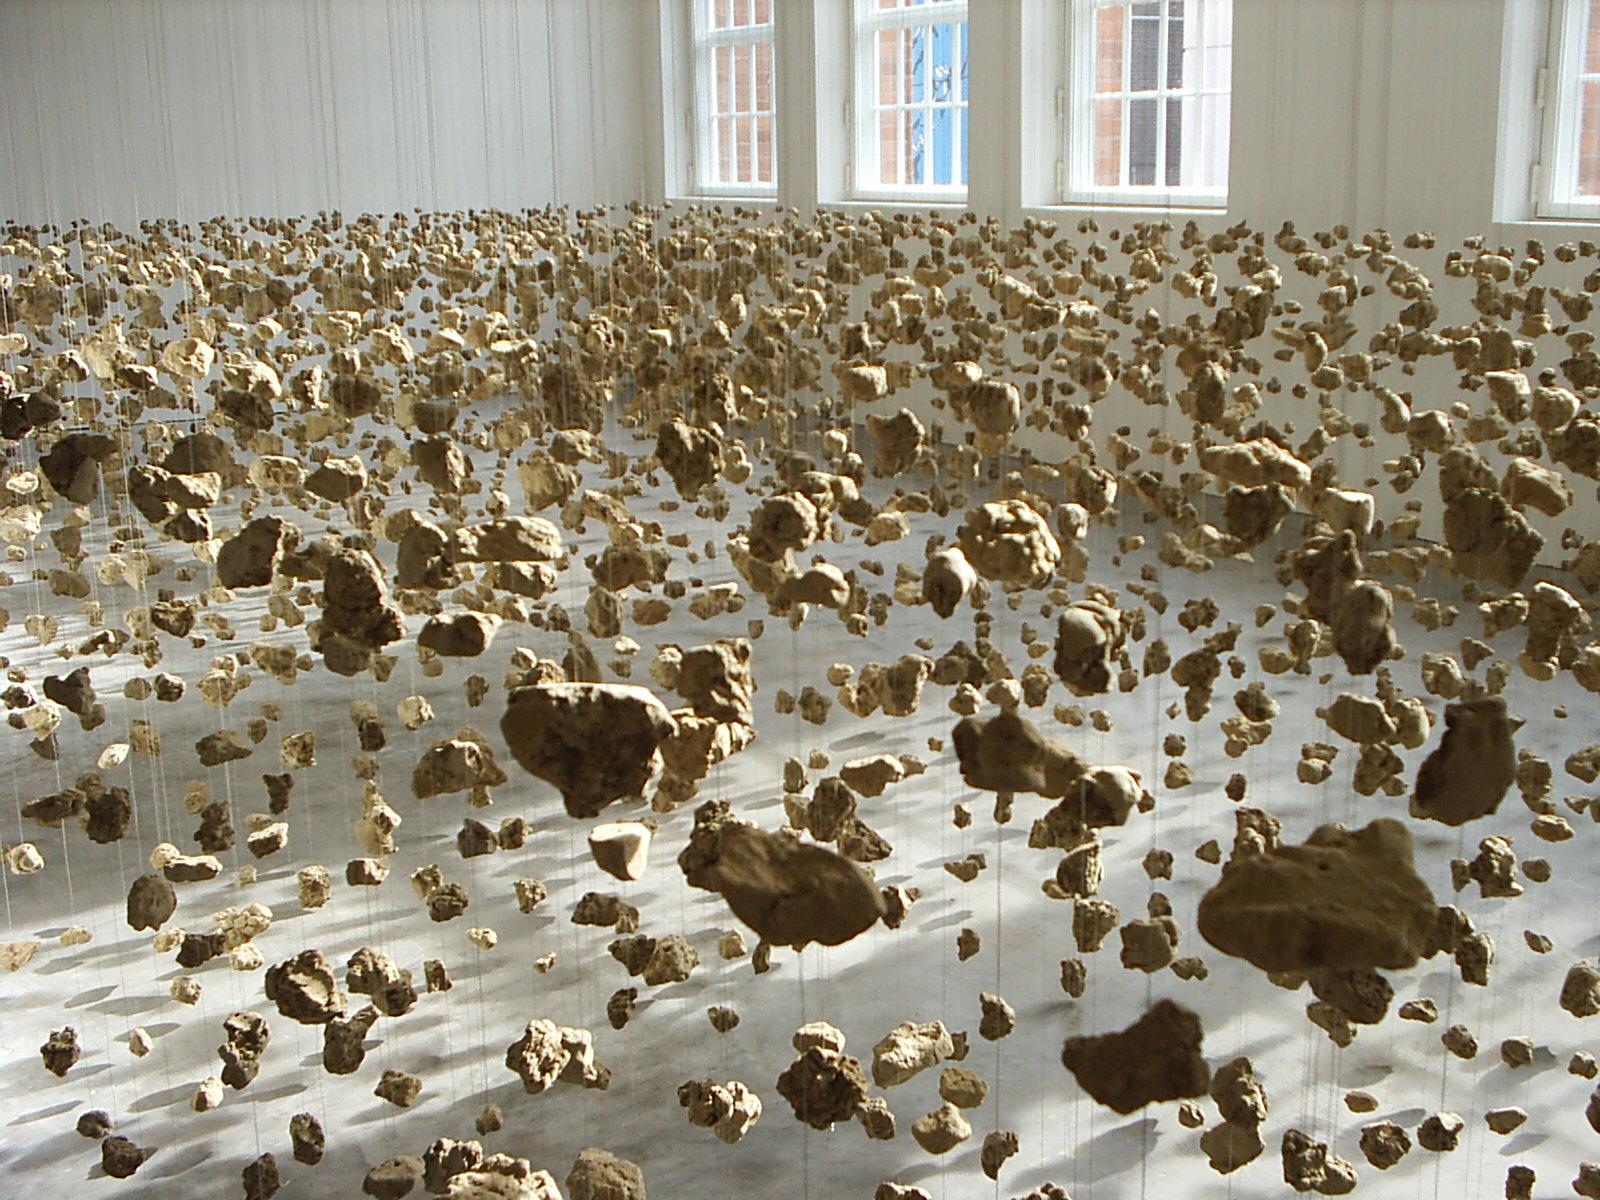 Cornelia Ann Parker - Subconscious of a Monument (2005)